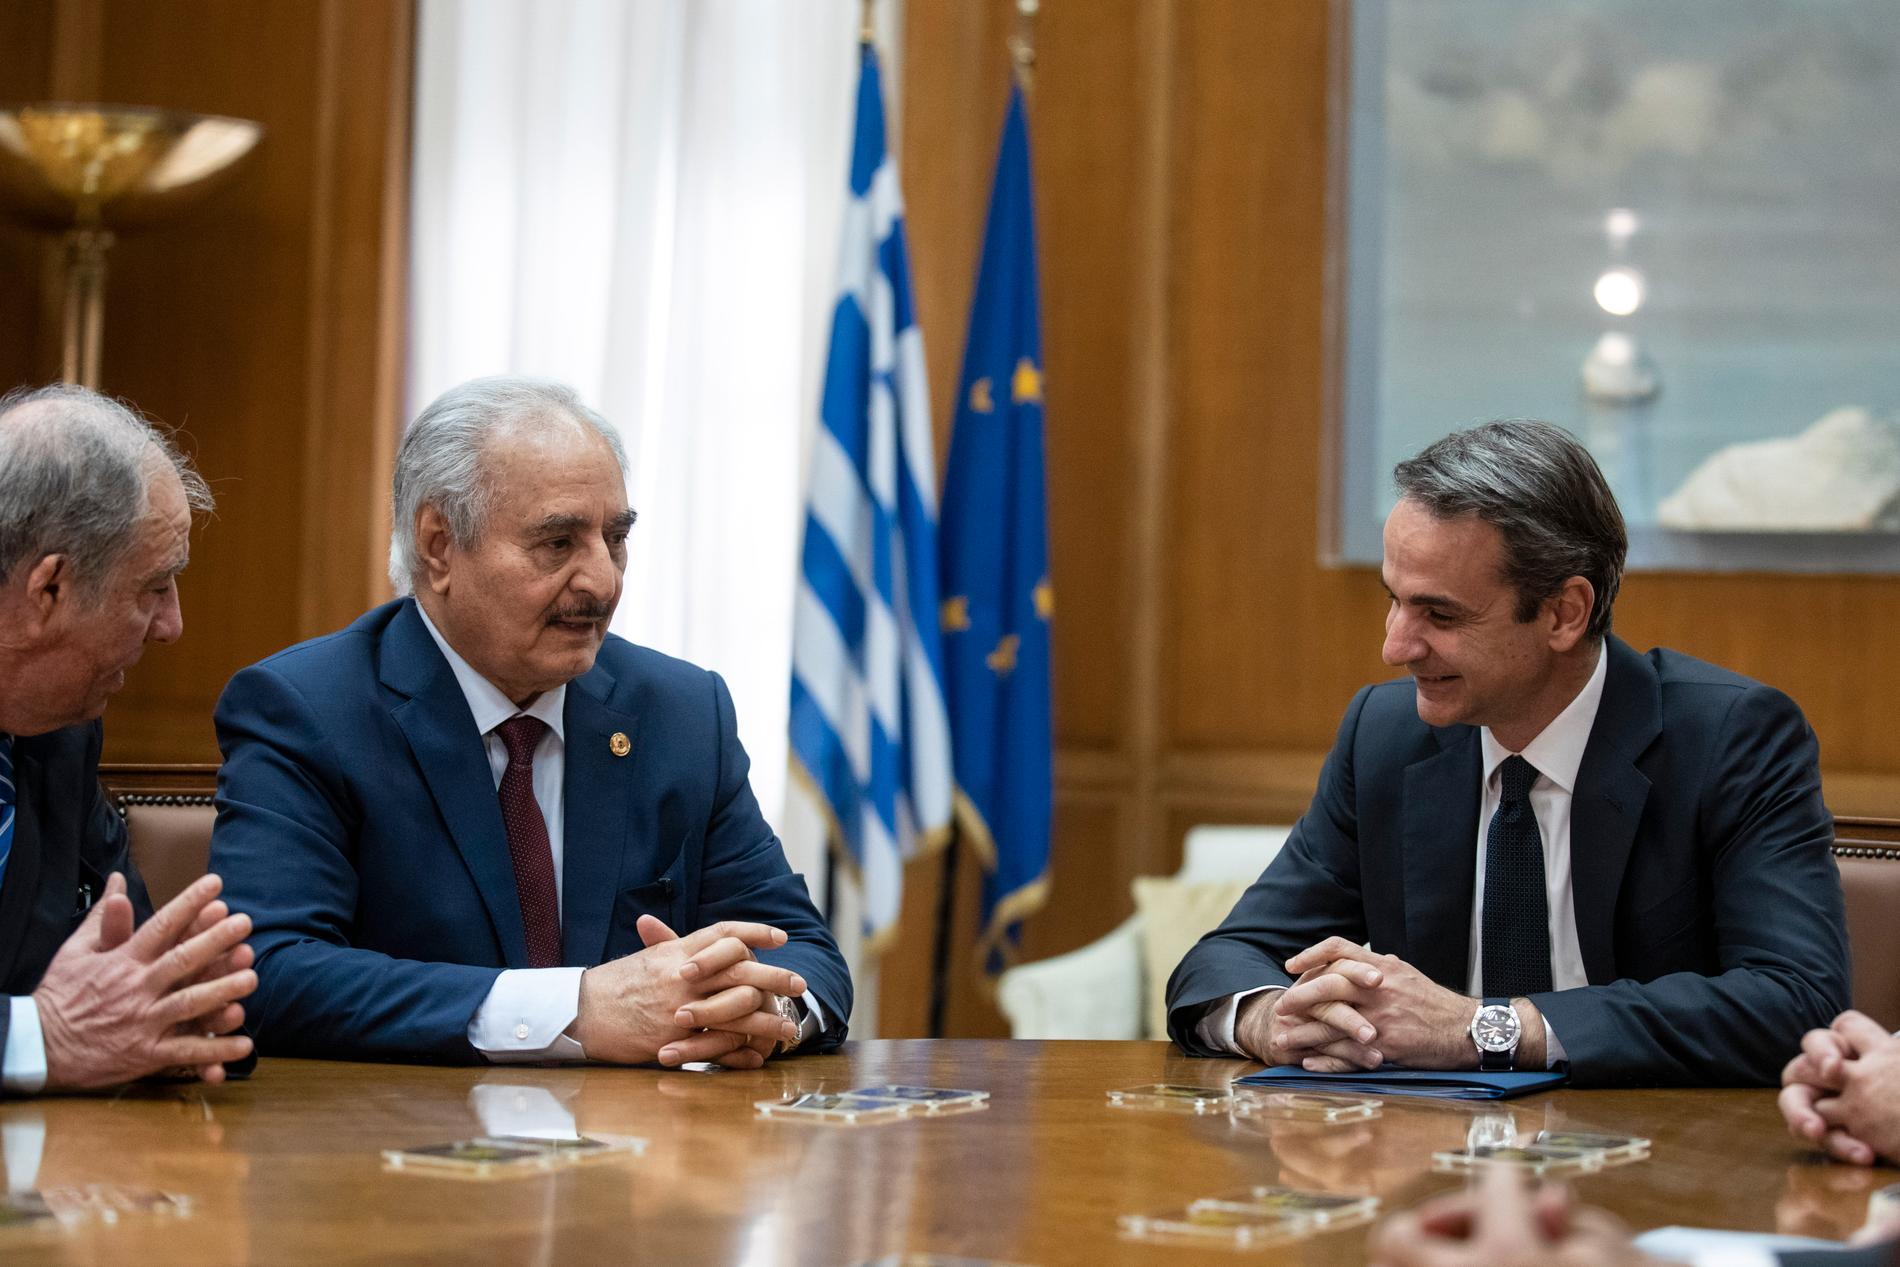 Krigsherren Khalifa Haftar, näst längst till vänster, uppvaktas av många världsledare som hoppas att han ska gå med på att lägga ned vapnen i Libyen. Bild från möte med Greklands premiärminister Kyriakos Mitsotakis, till höger, på fredagen.